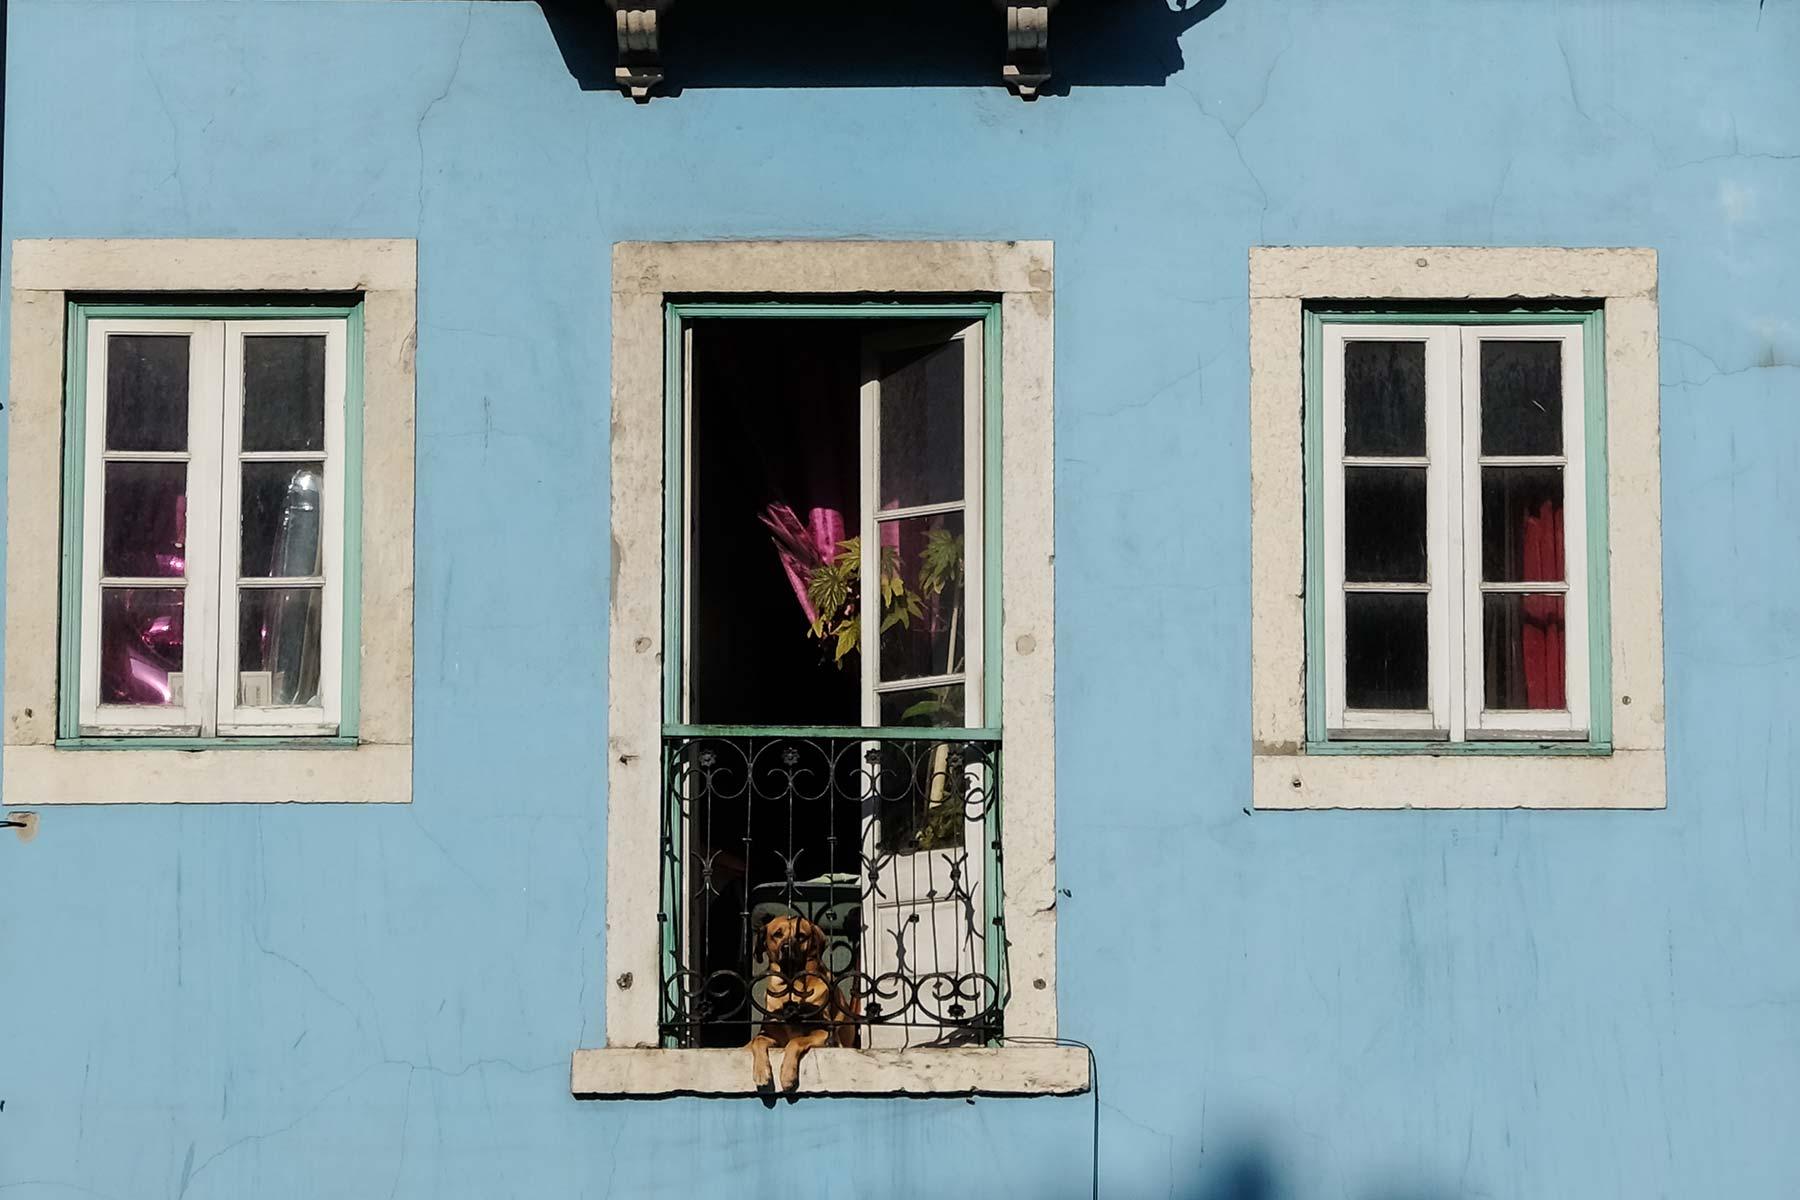 Hund in Lissabon, Portugal